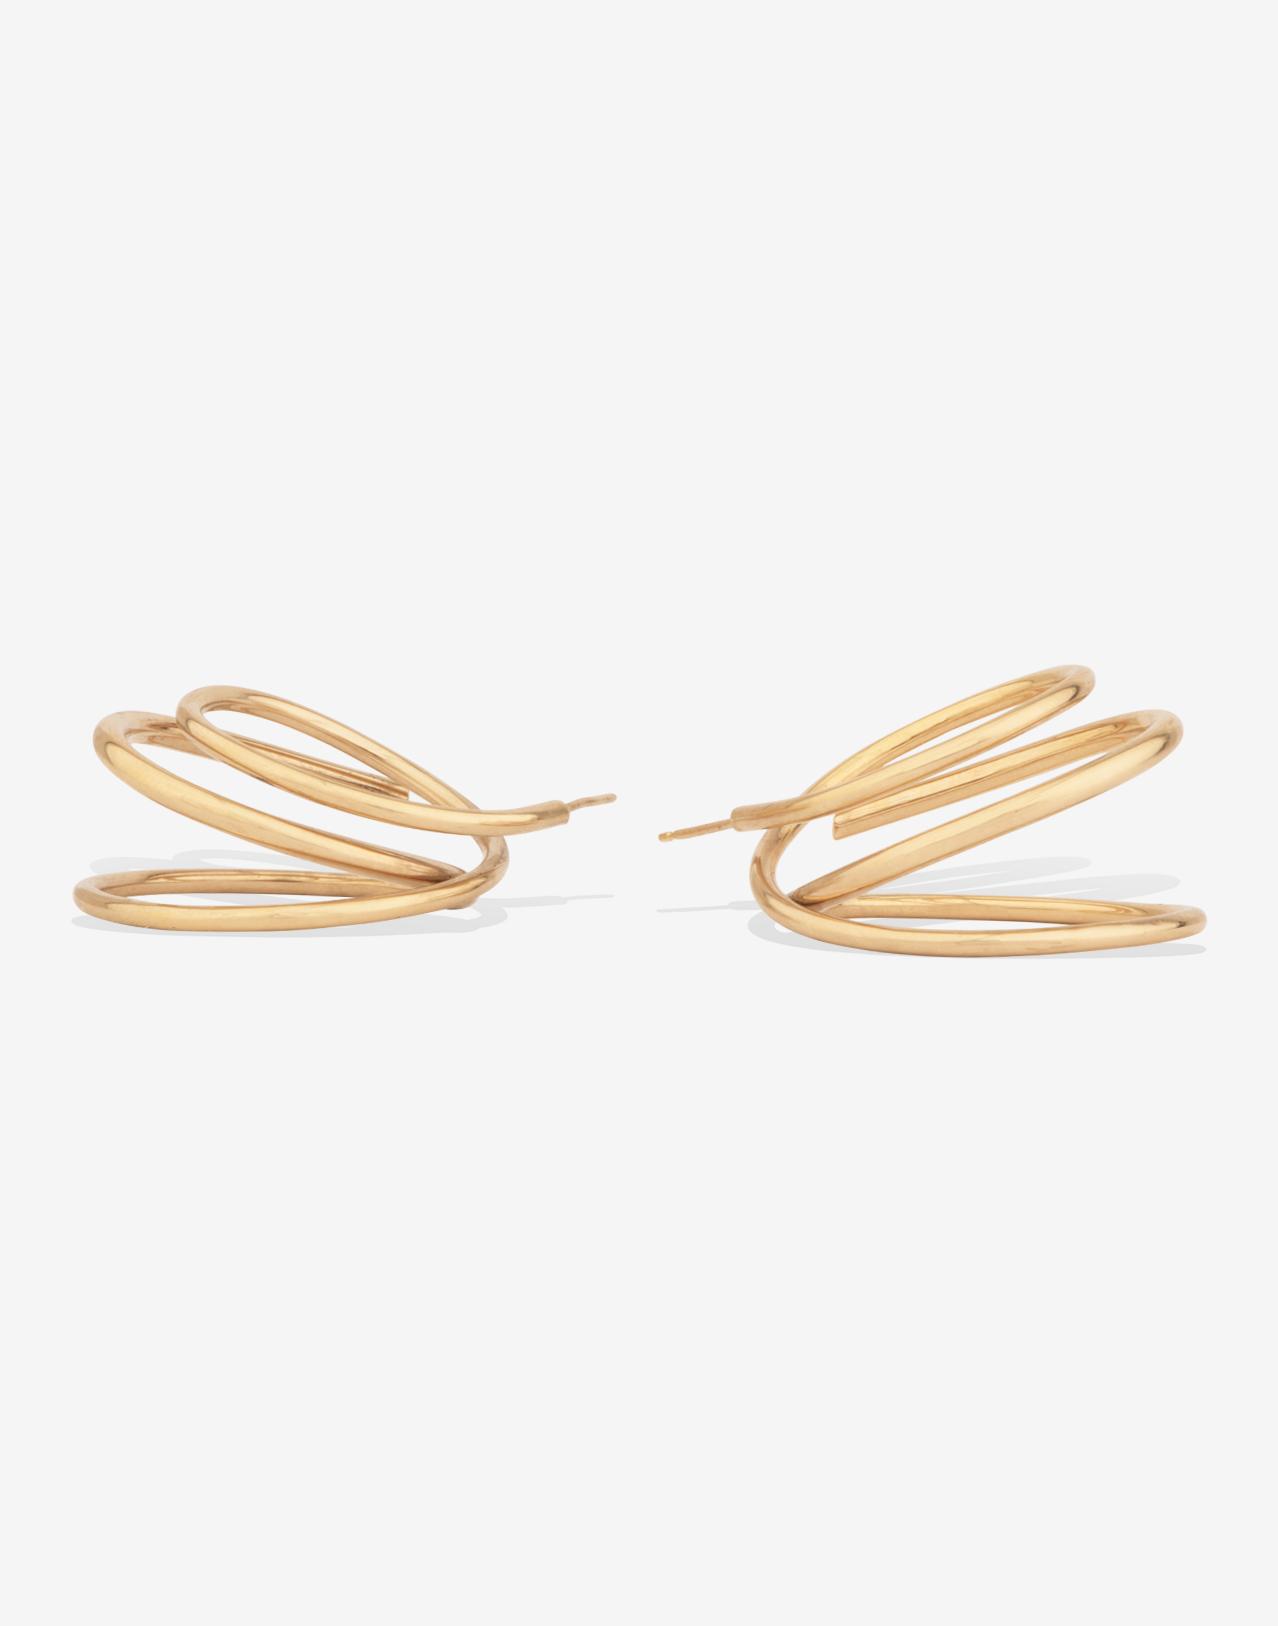 Completedworks-jewellery-S1010-PAIR-Earring-1-3.jpg